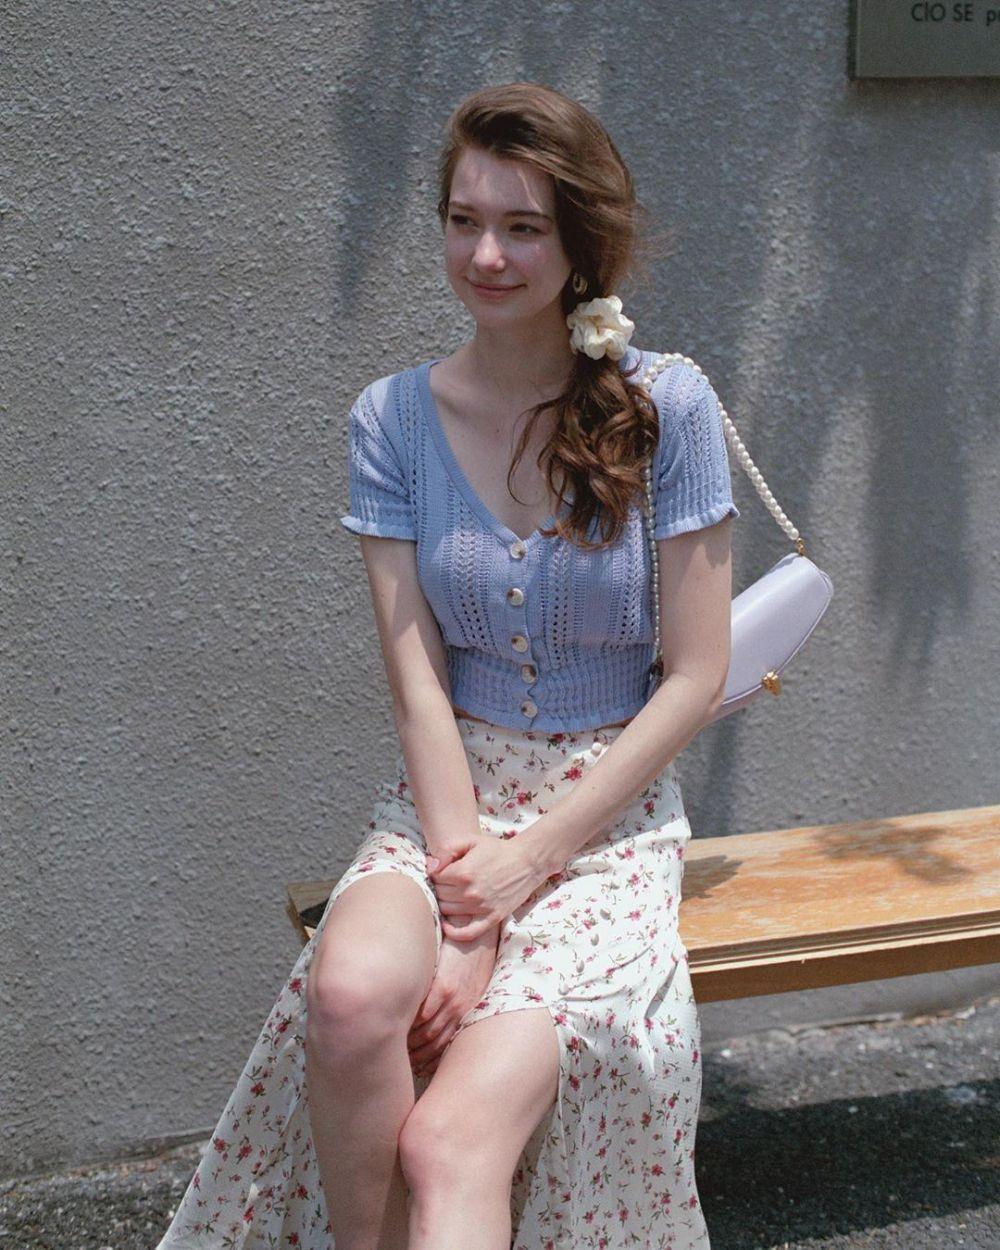 10 Potret Anastasia Cebulska, Model Asal Belarus yang Menawan Abis